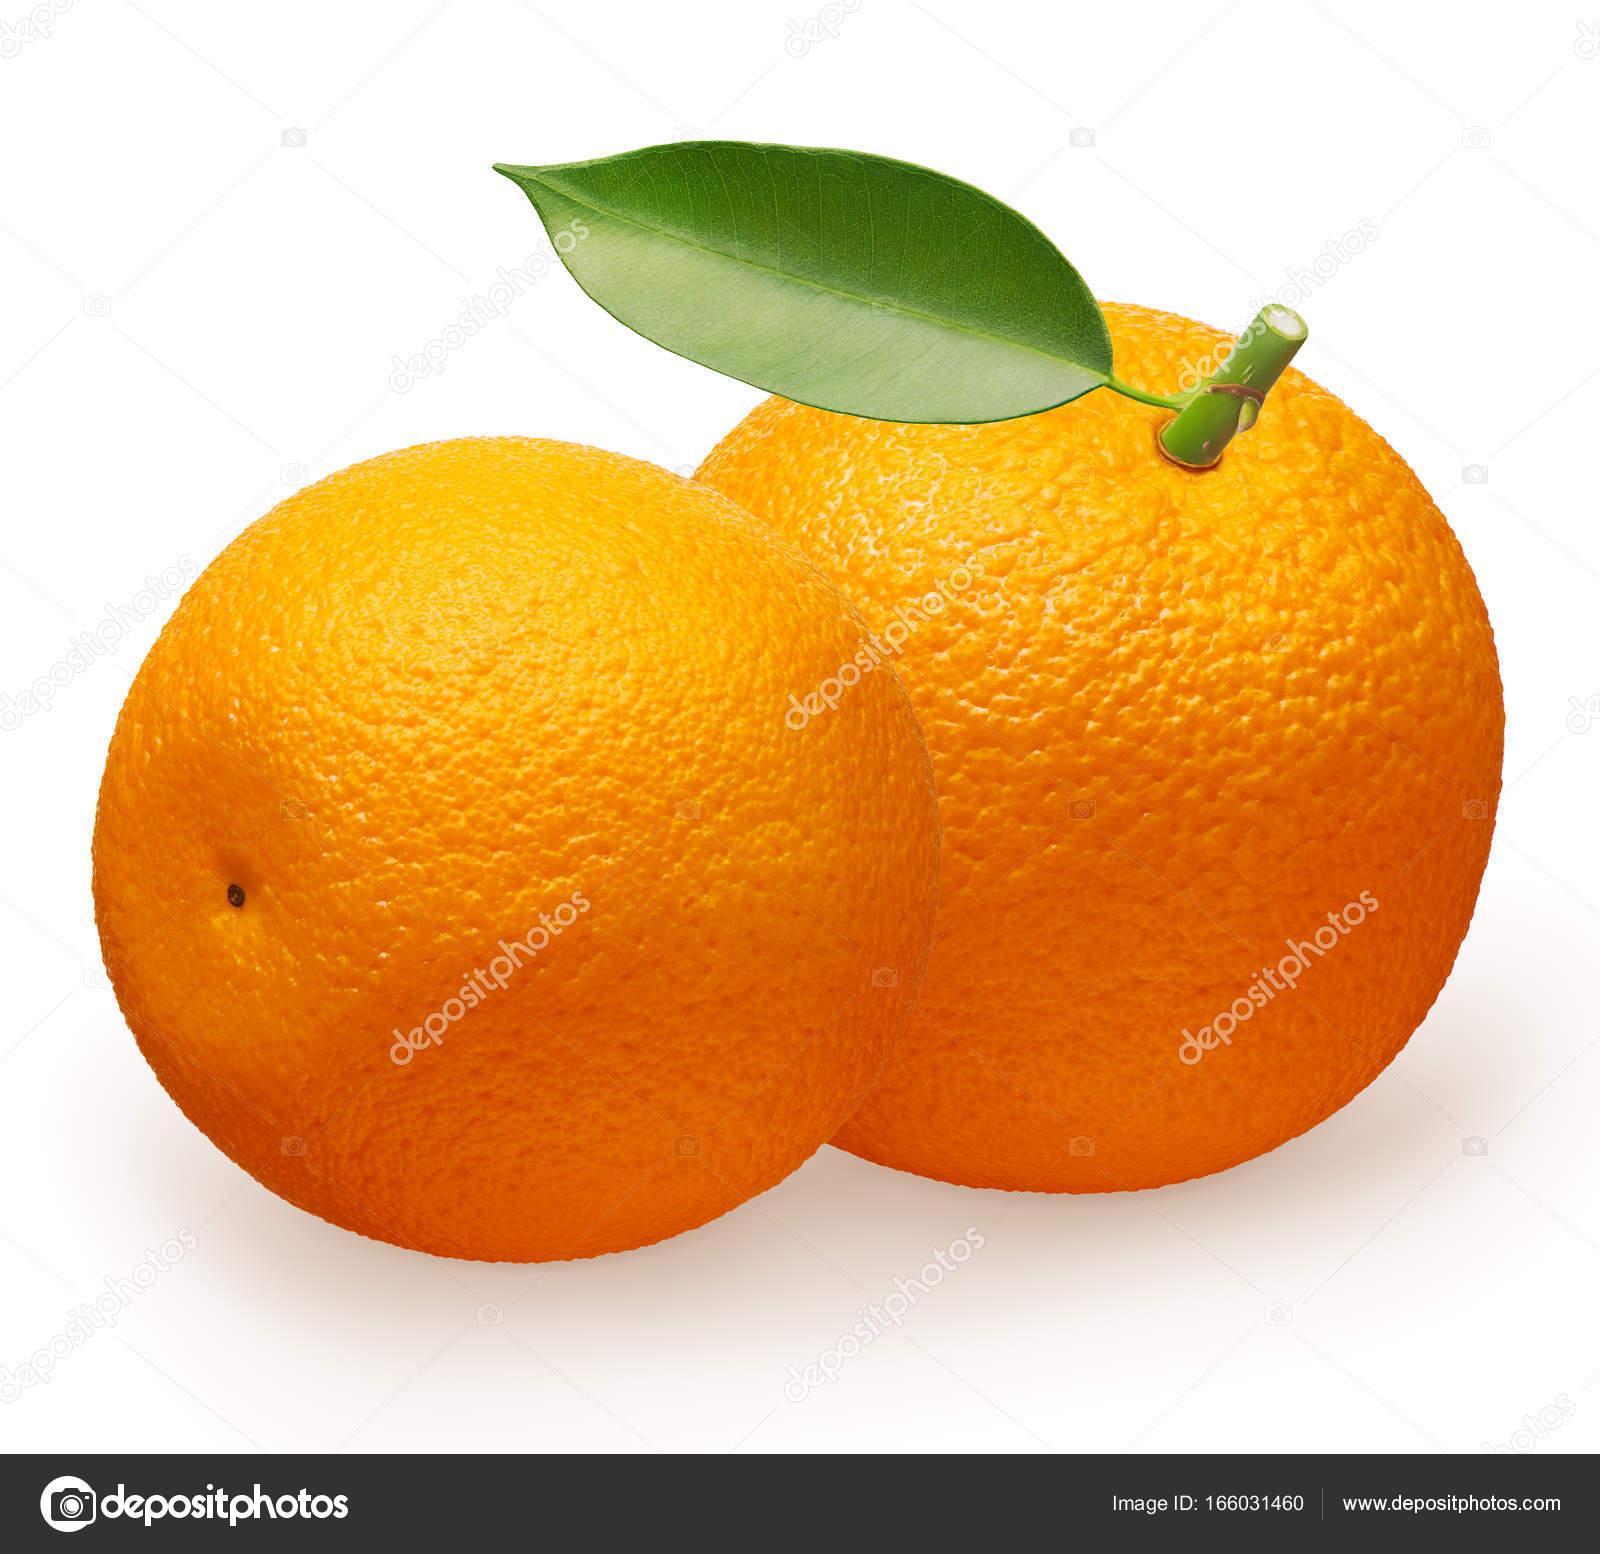 fruits orange frais entier avec feuille verte c t de mentir photographie intelwond 166031460. Black Bedroom Furniture Sets. Home Design Ideas